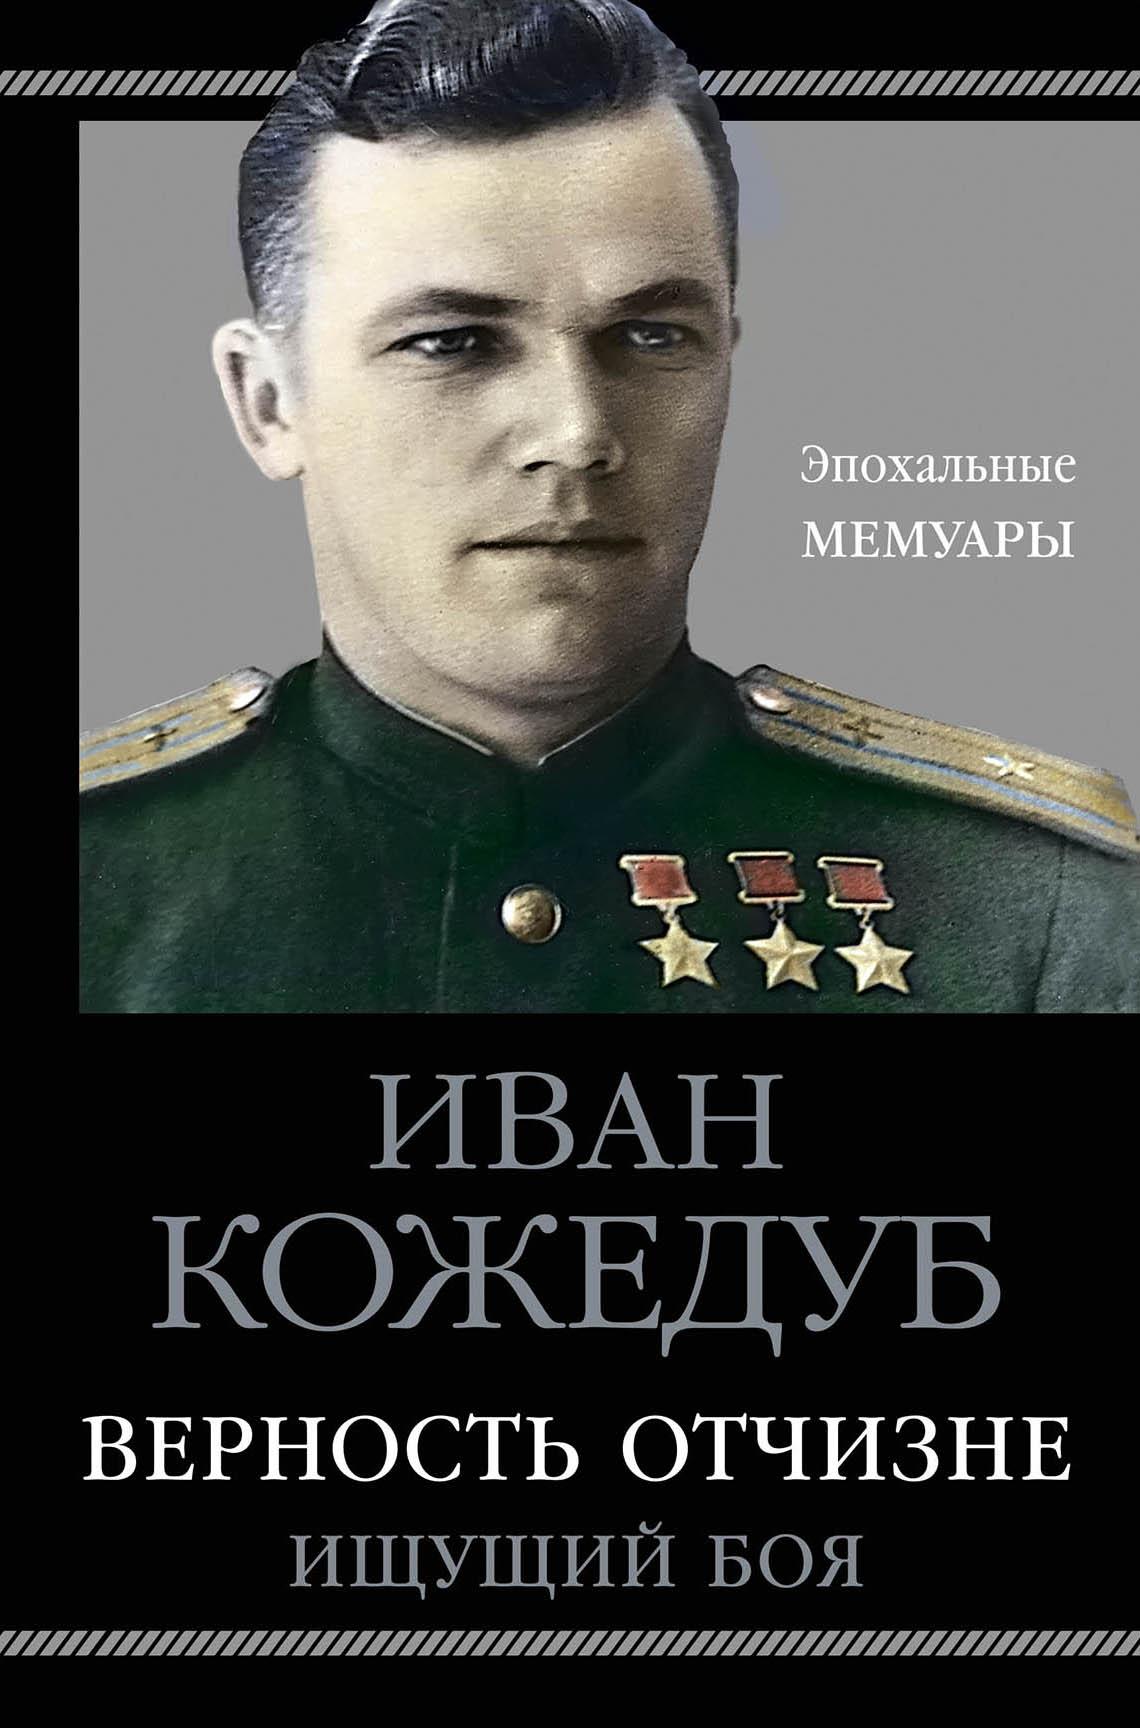 Кожедуб Иван Никитович Верность Отчизне. Ищущий боя